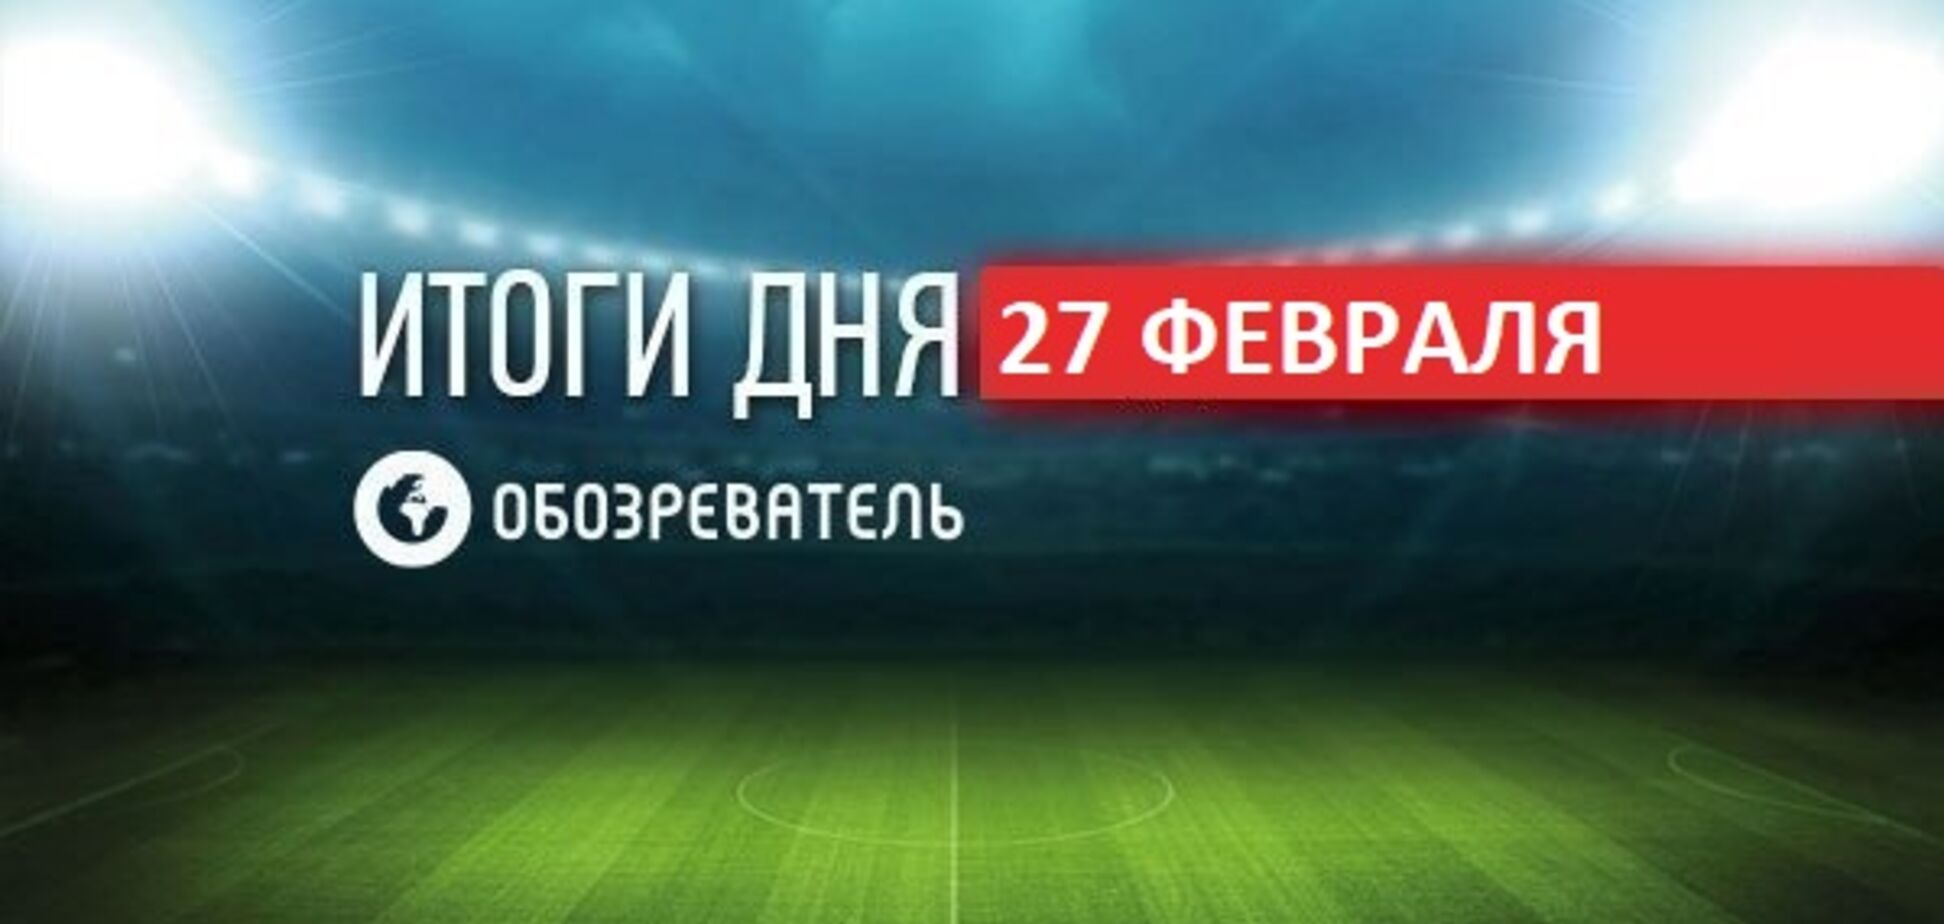 'Шахтар' у матчі-трилері вийшов до 1/8 фіналу Ліги Європи: спортивні підсумки 27 лютого